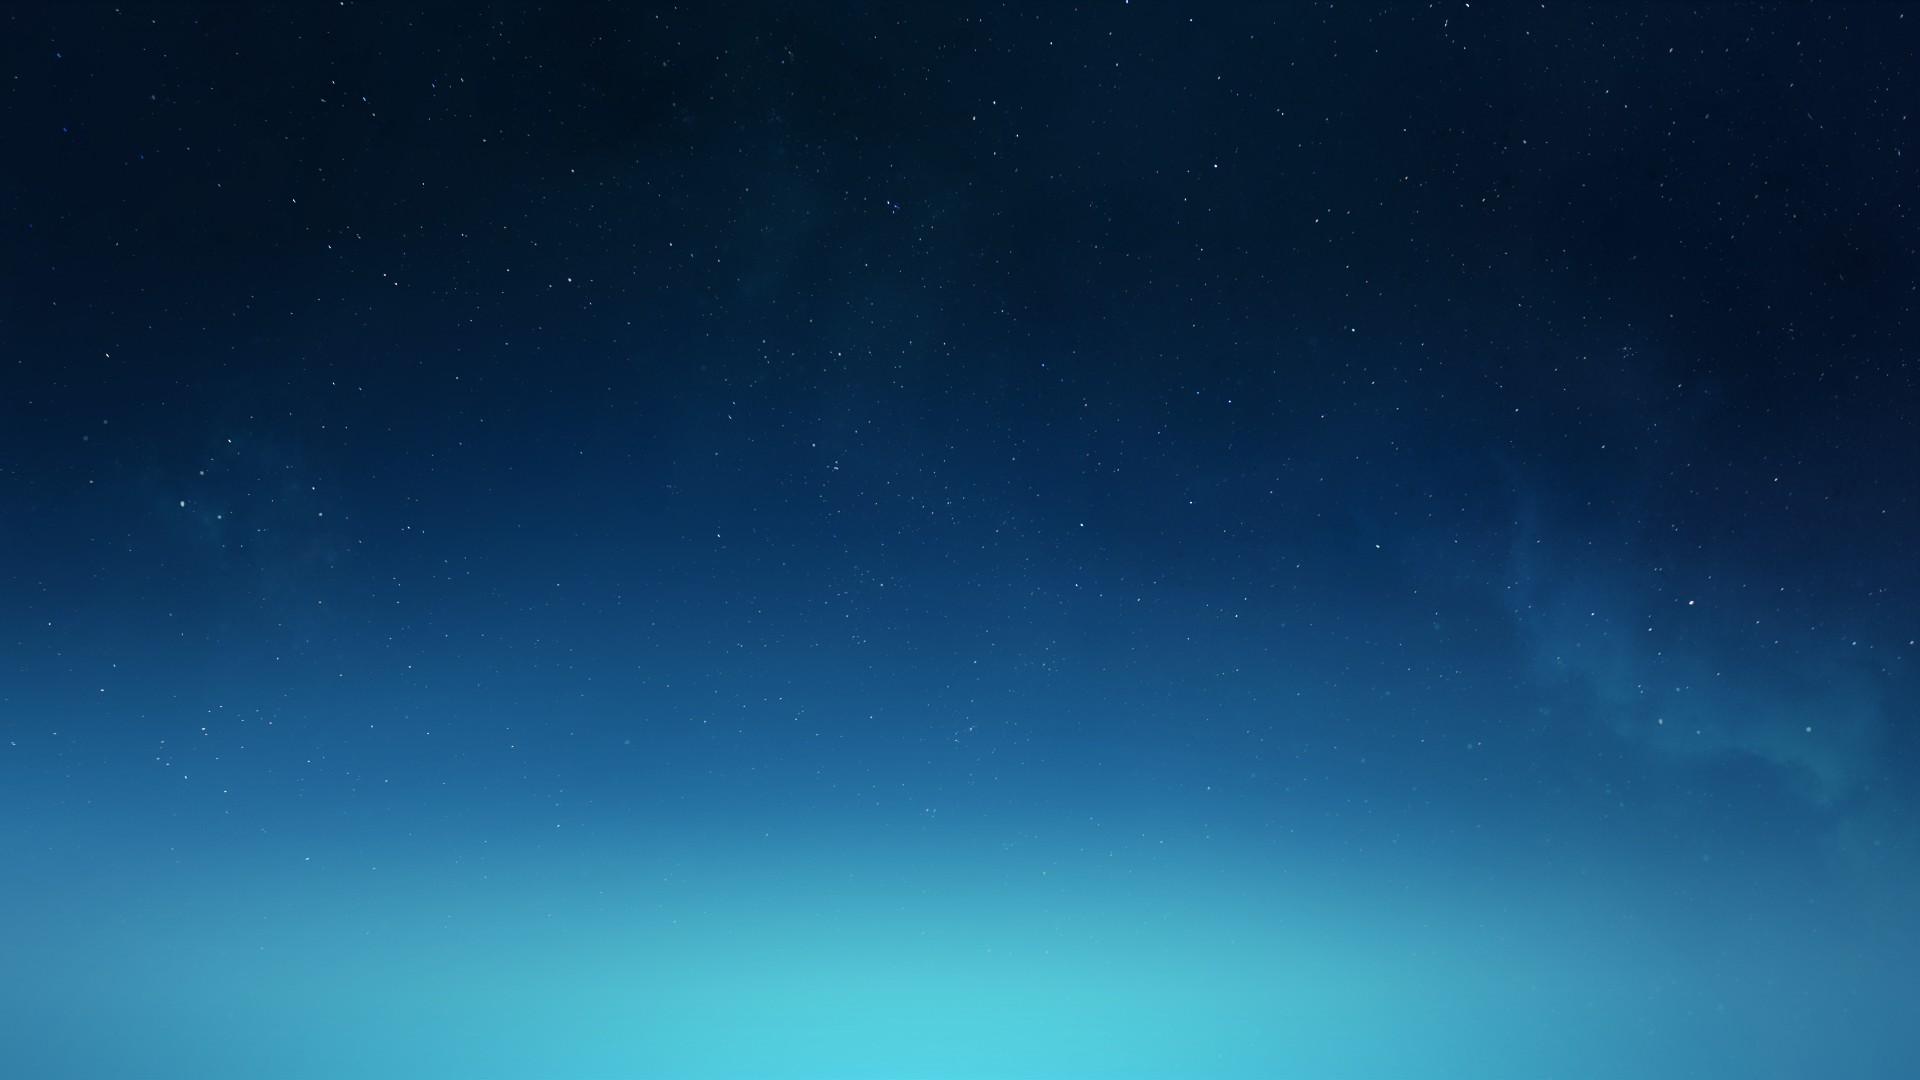 Fondos De Pantalla : Noche, Cielo, Estrellas, Calma, Azul